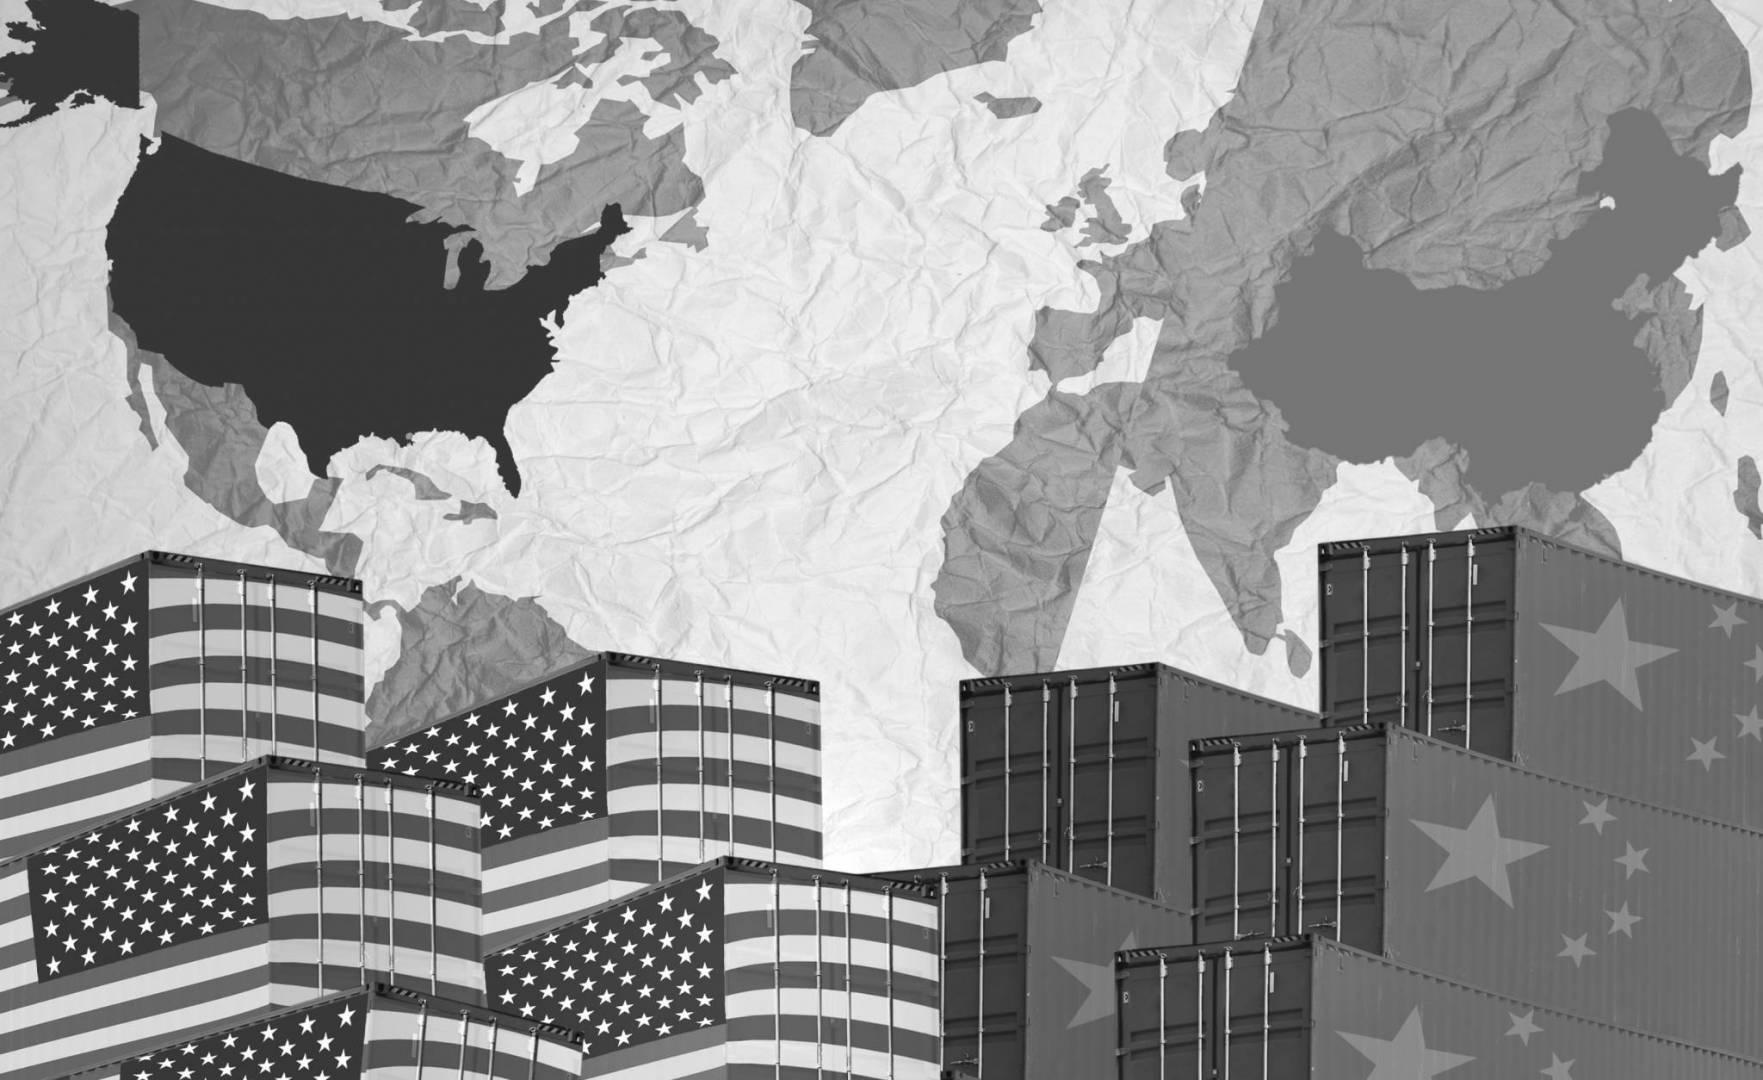 بعيداً عن مفاجآت ترامب.. هل سيشهد العالم هدنة تجارية مؤقتة قريباً؟